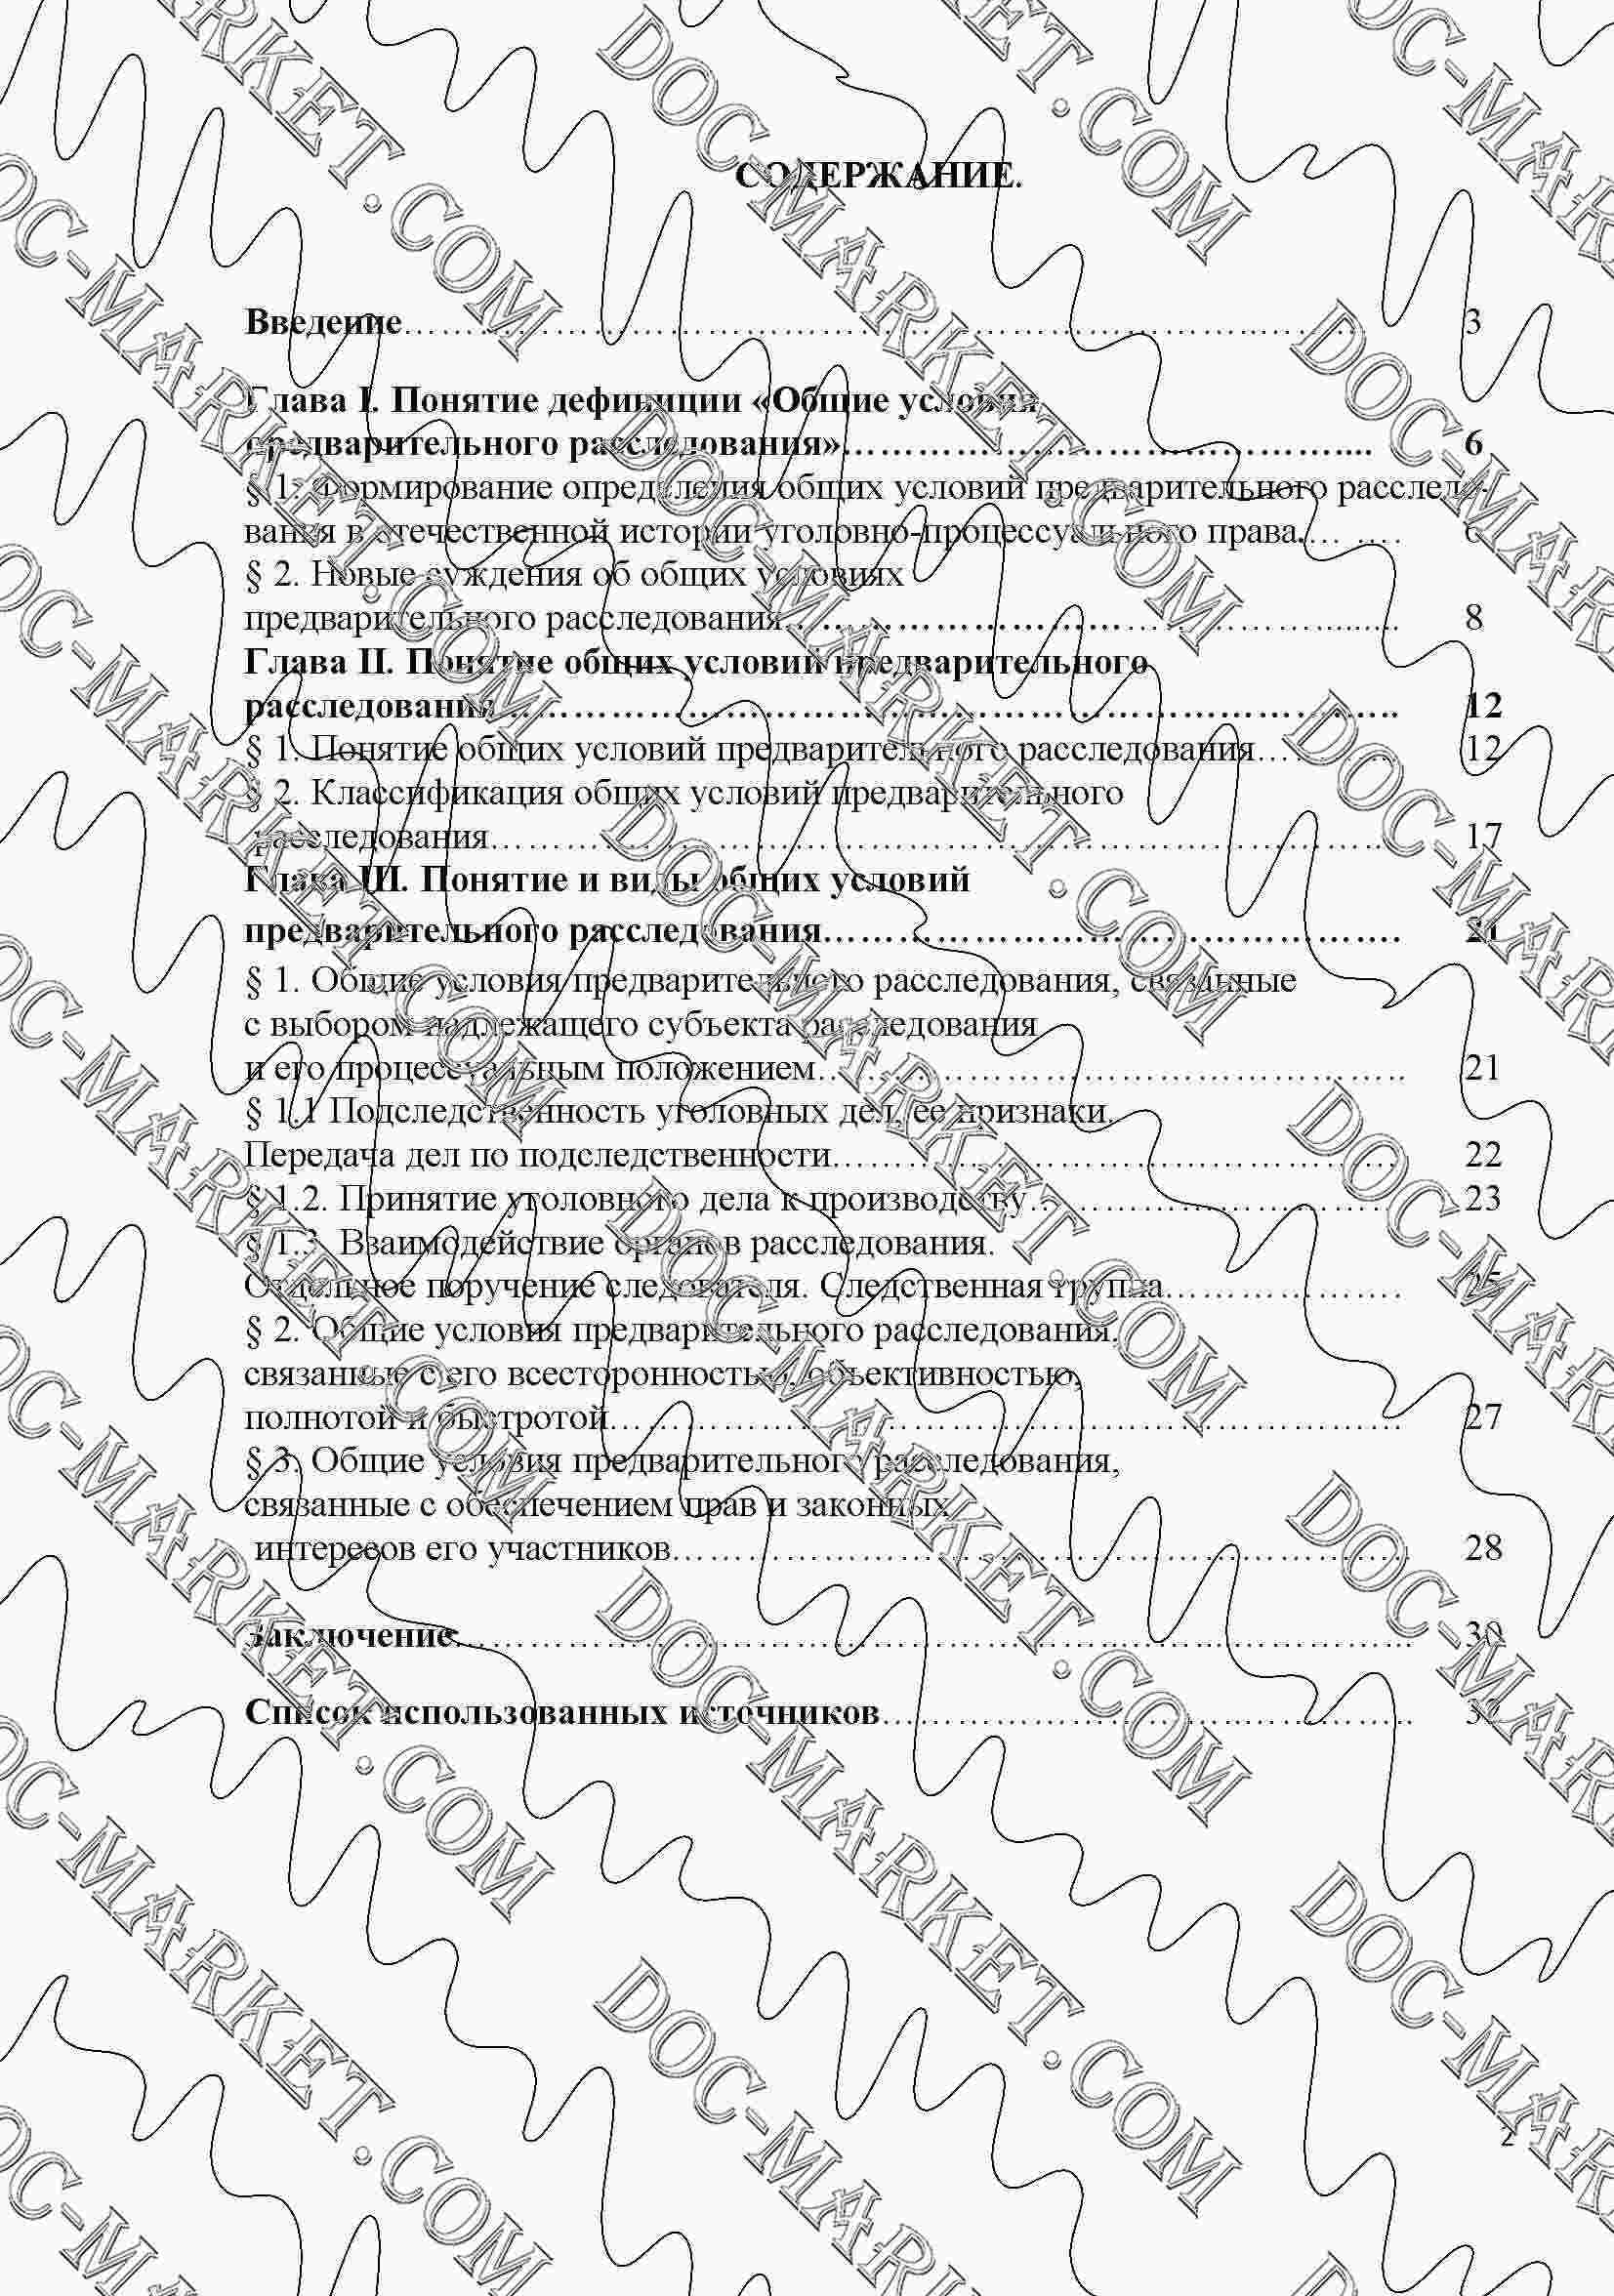 Курсовая работа Общие условия предварительного расследования  общие условия предварительного расследования диплом